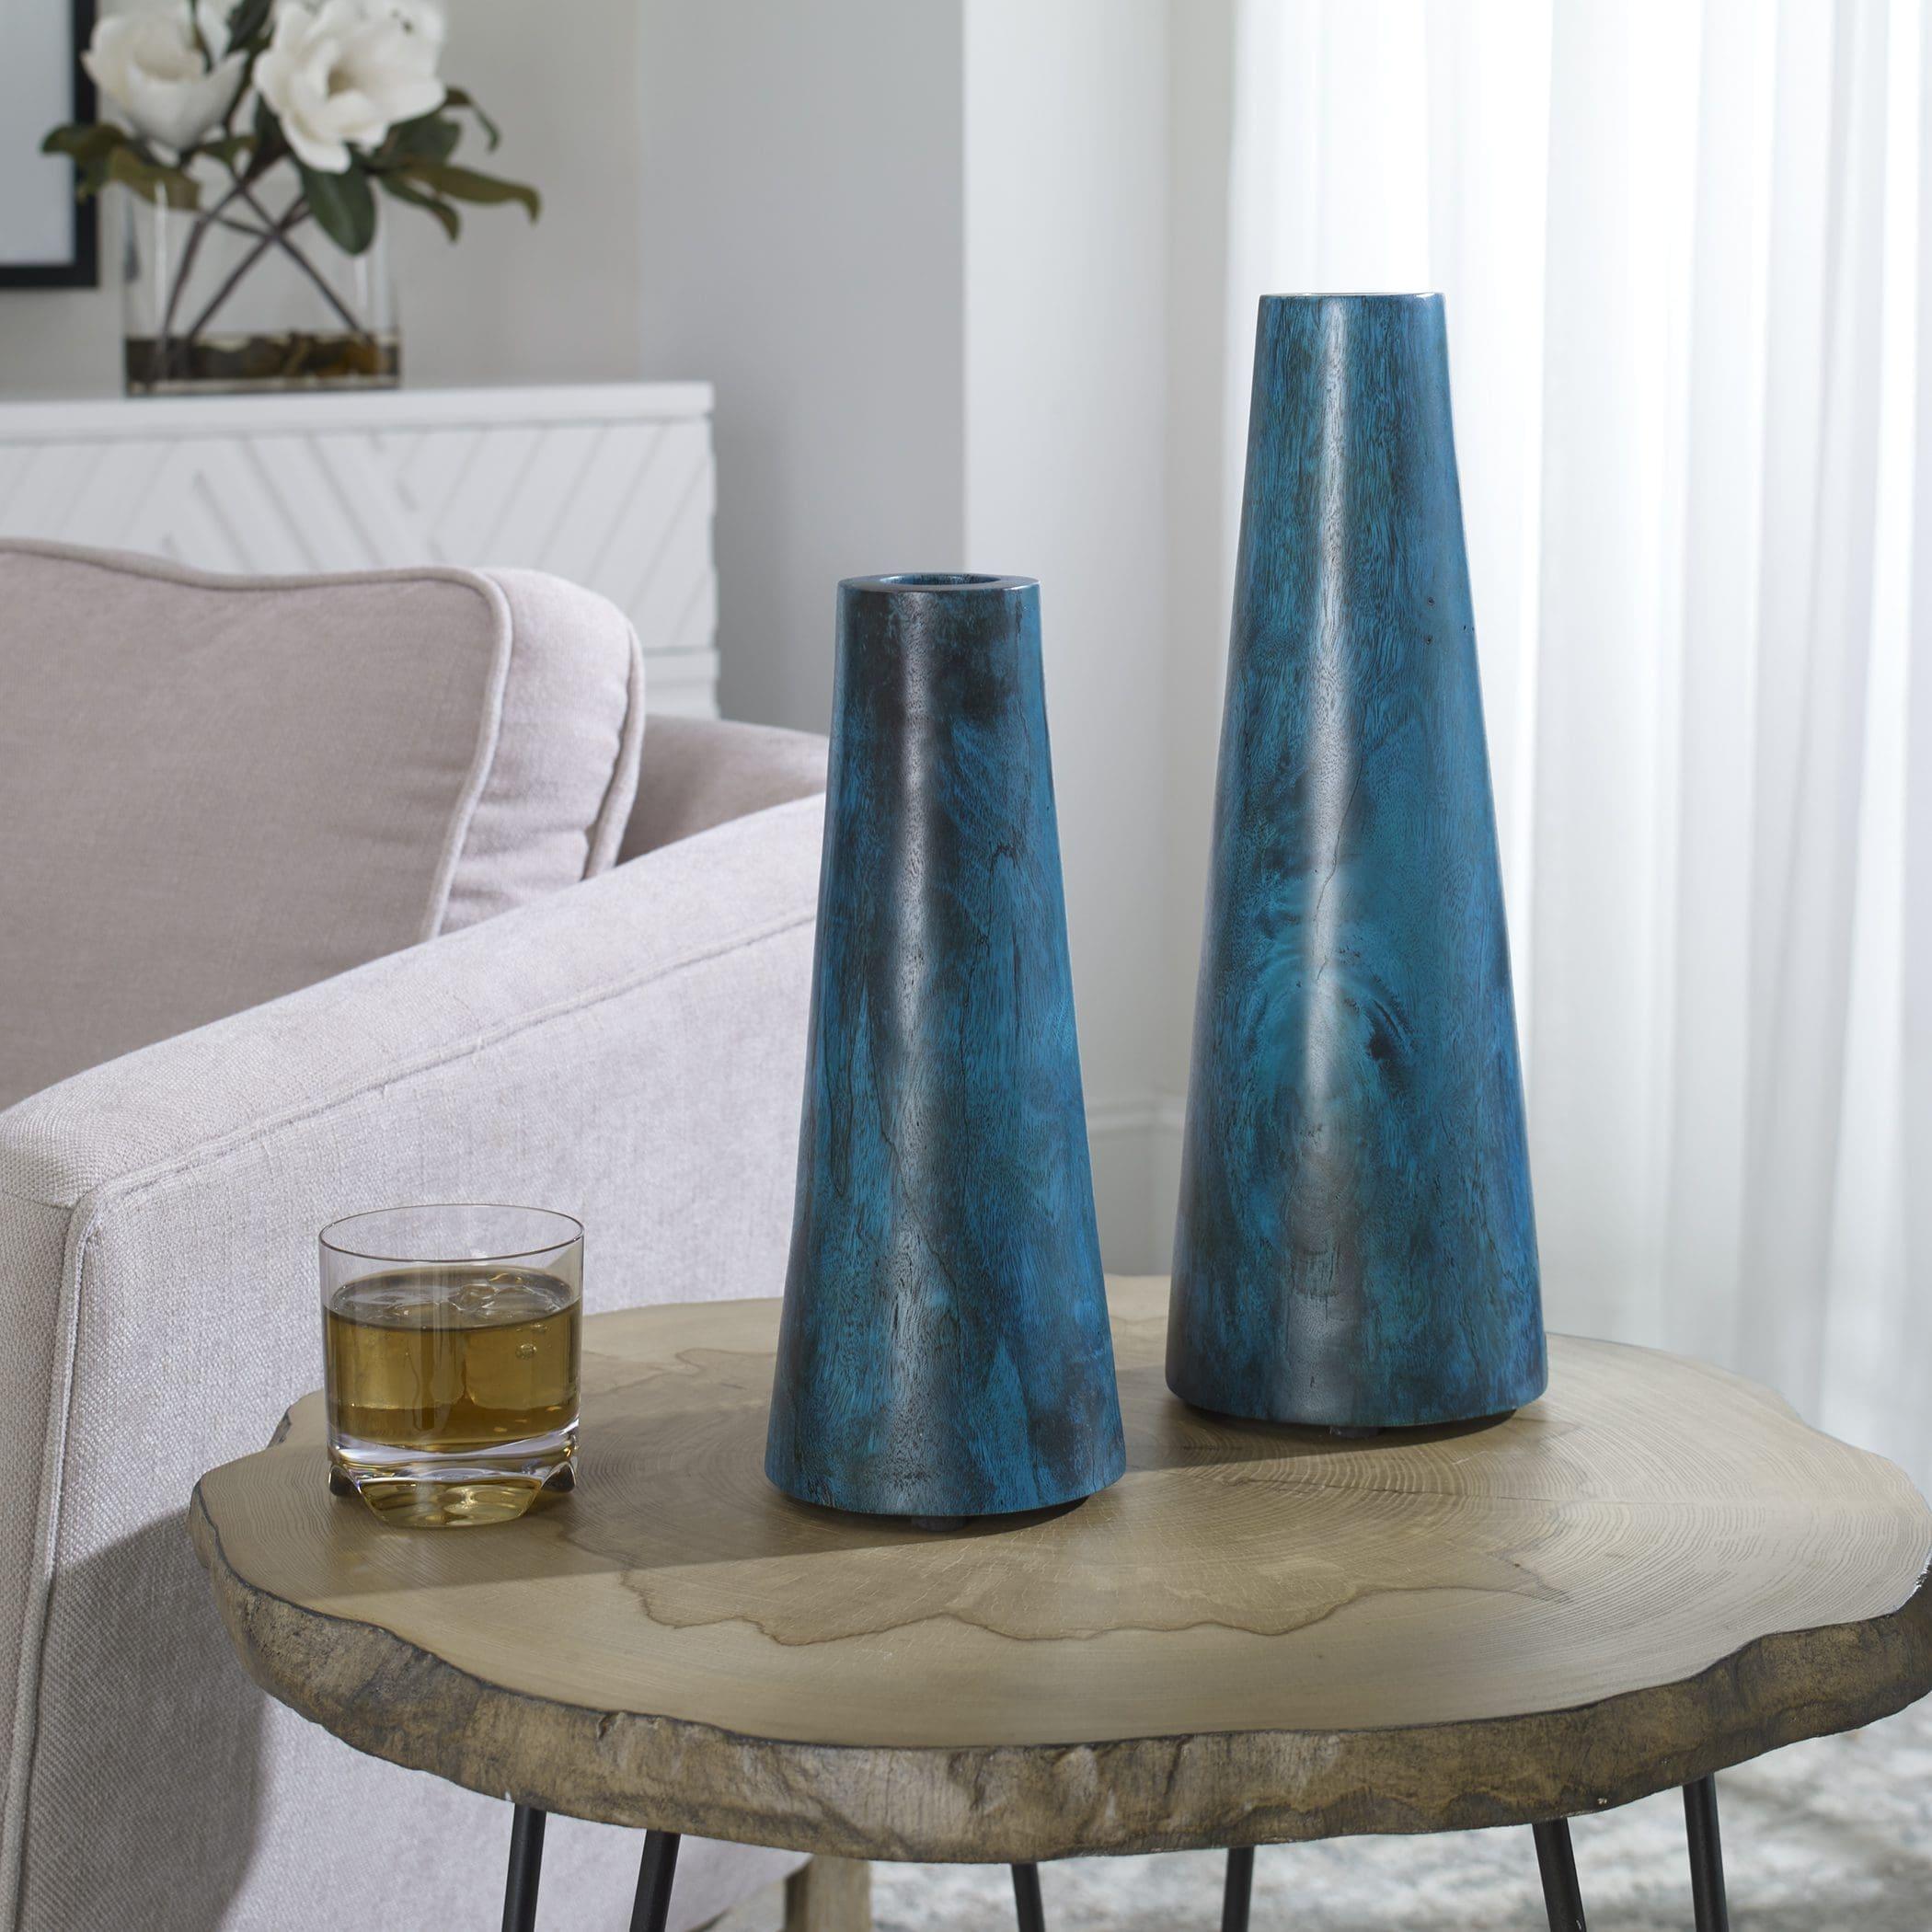 Uttermost Mambo Blue Vases, S/2